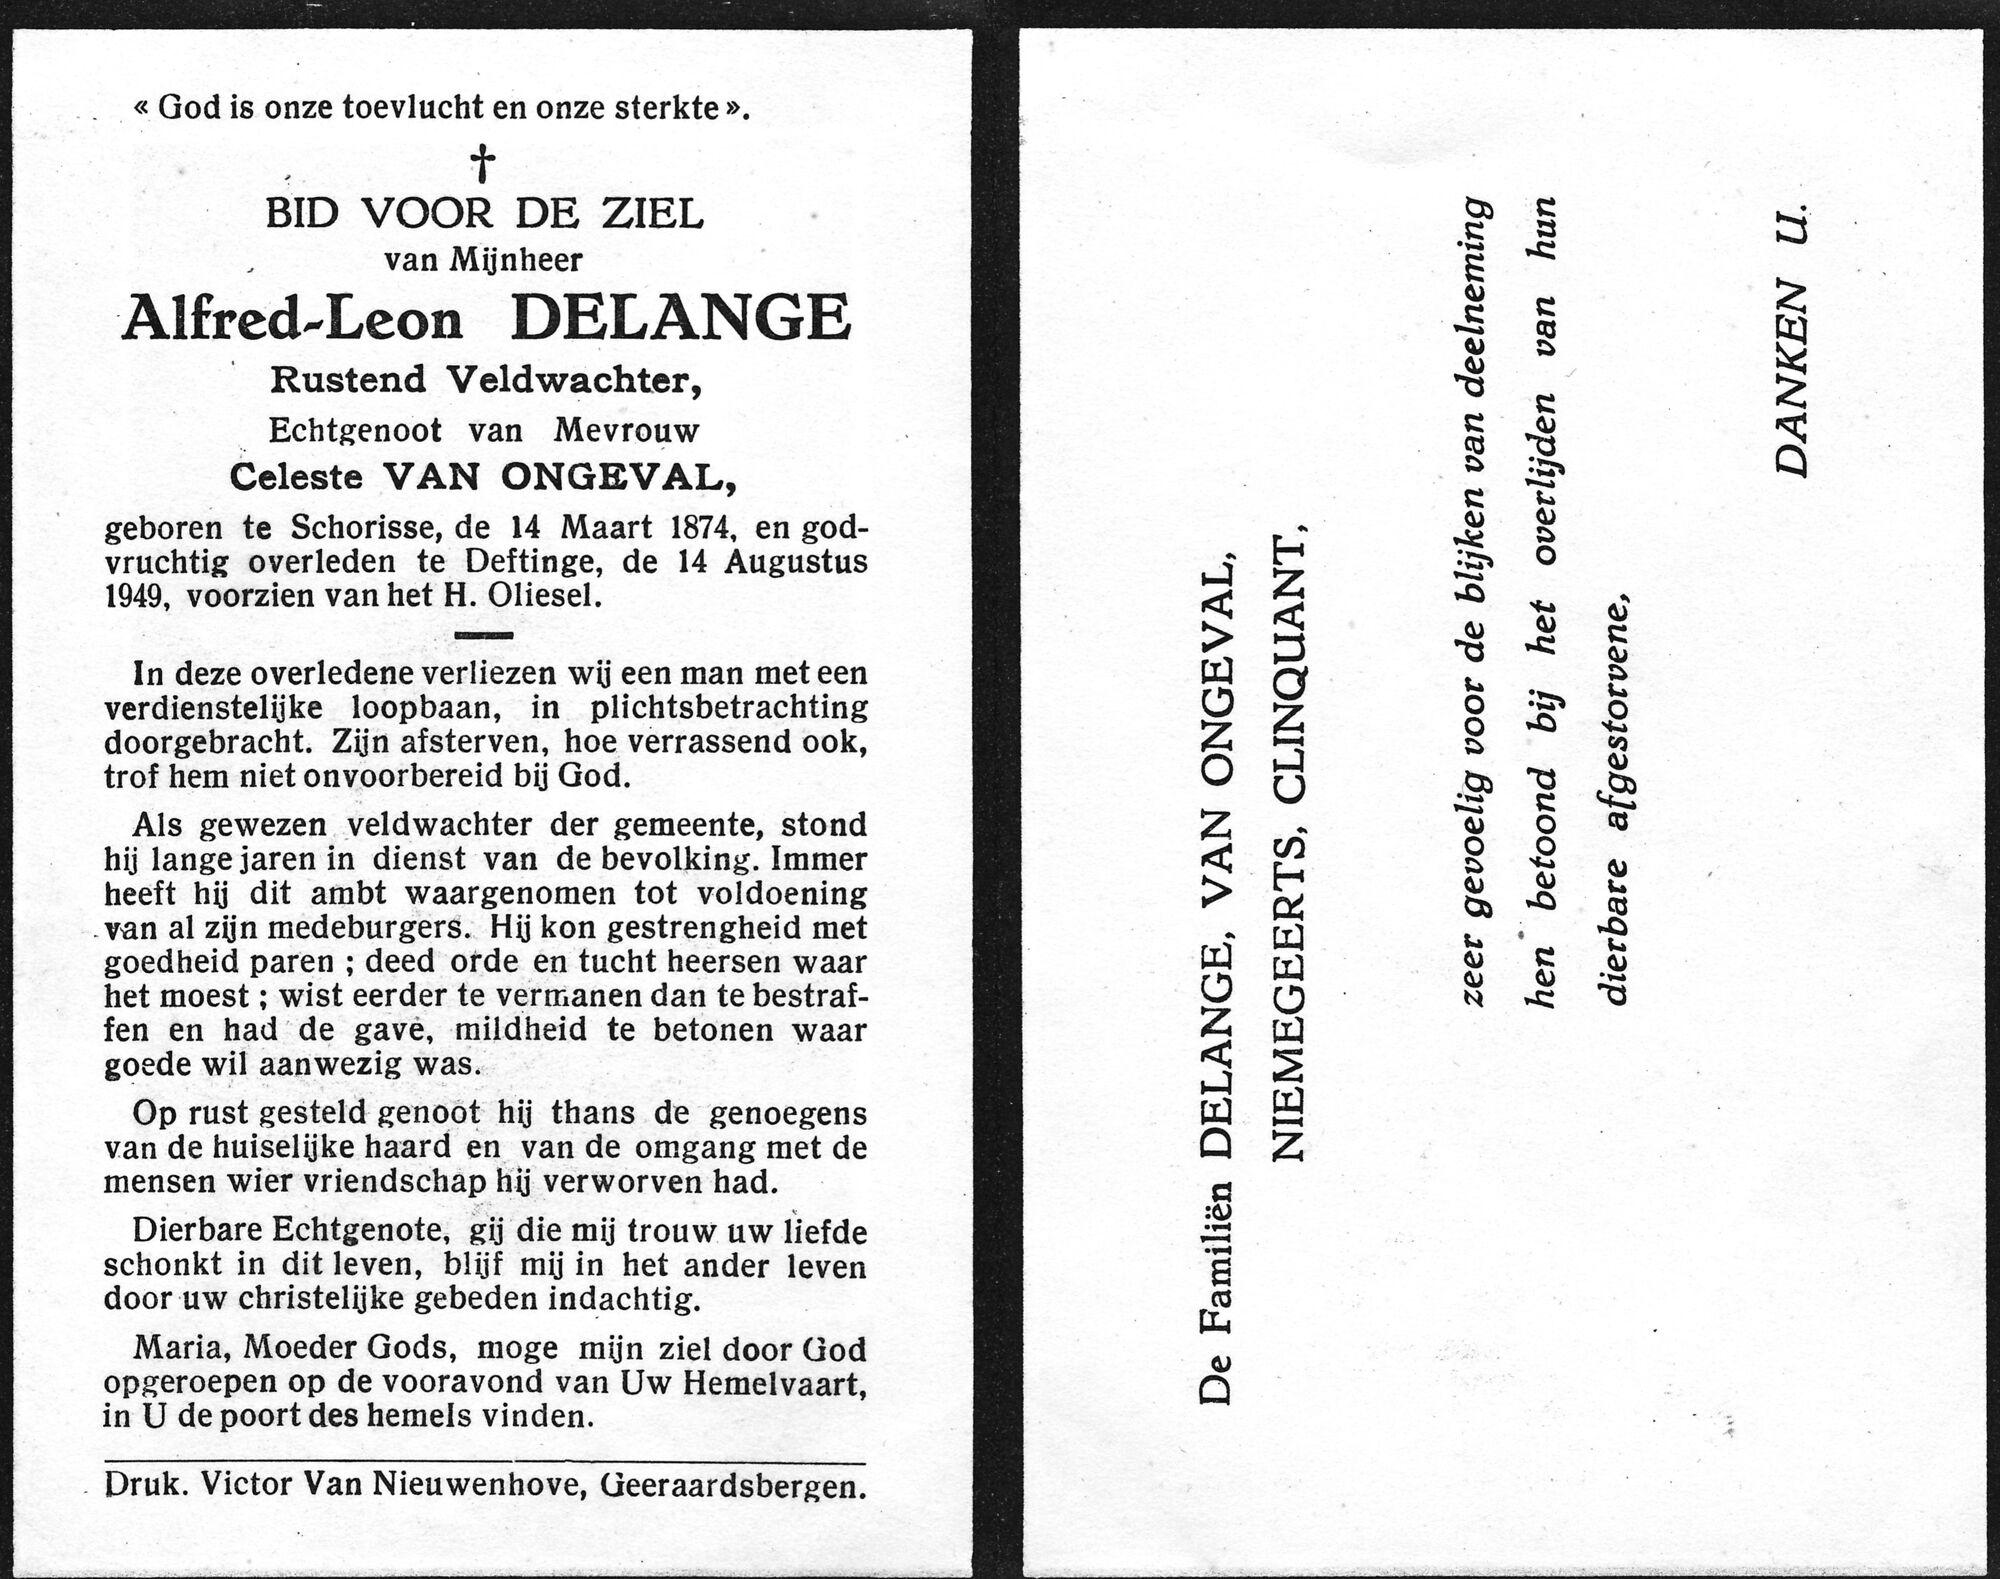 LIBidprentje veldwachter Delange Deftinge